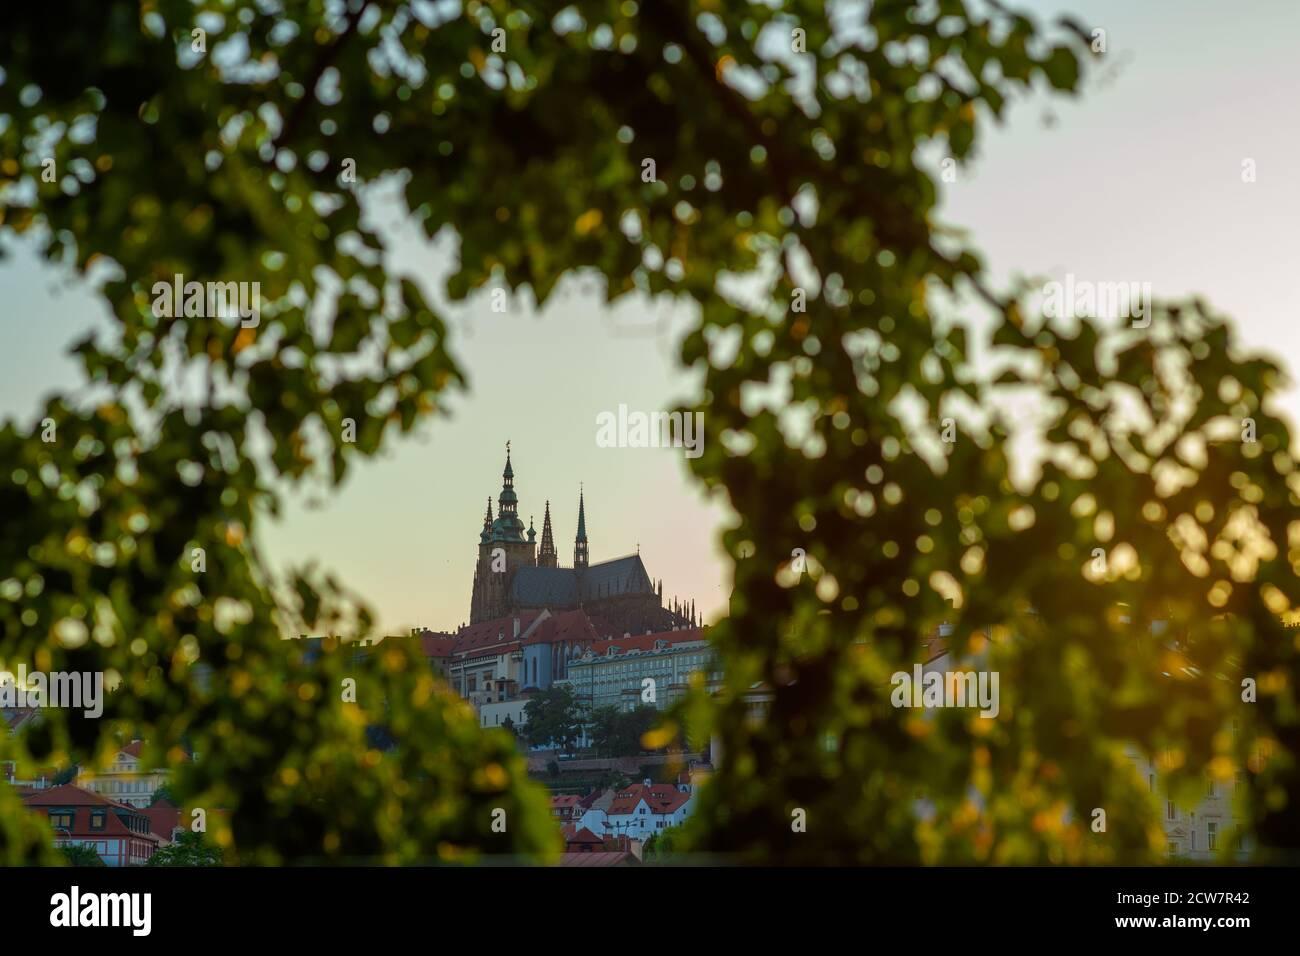 Paisaje de Praga, República Checa con la Catedral de San Vito a través del follaje en un día soleado. Foto de stock